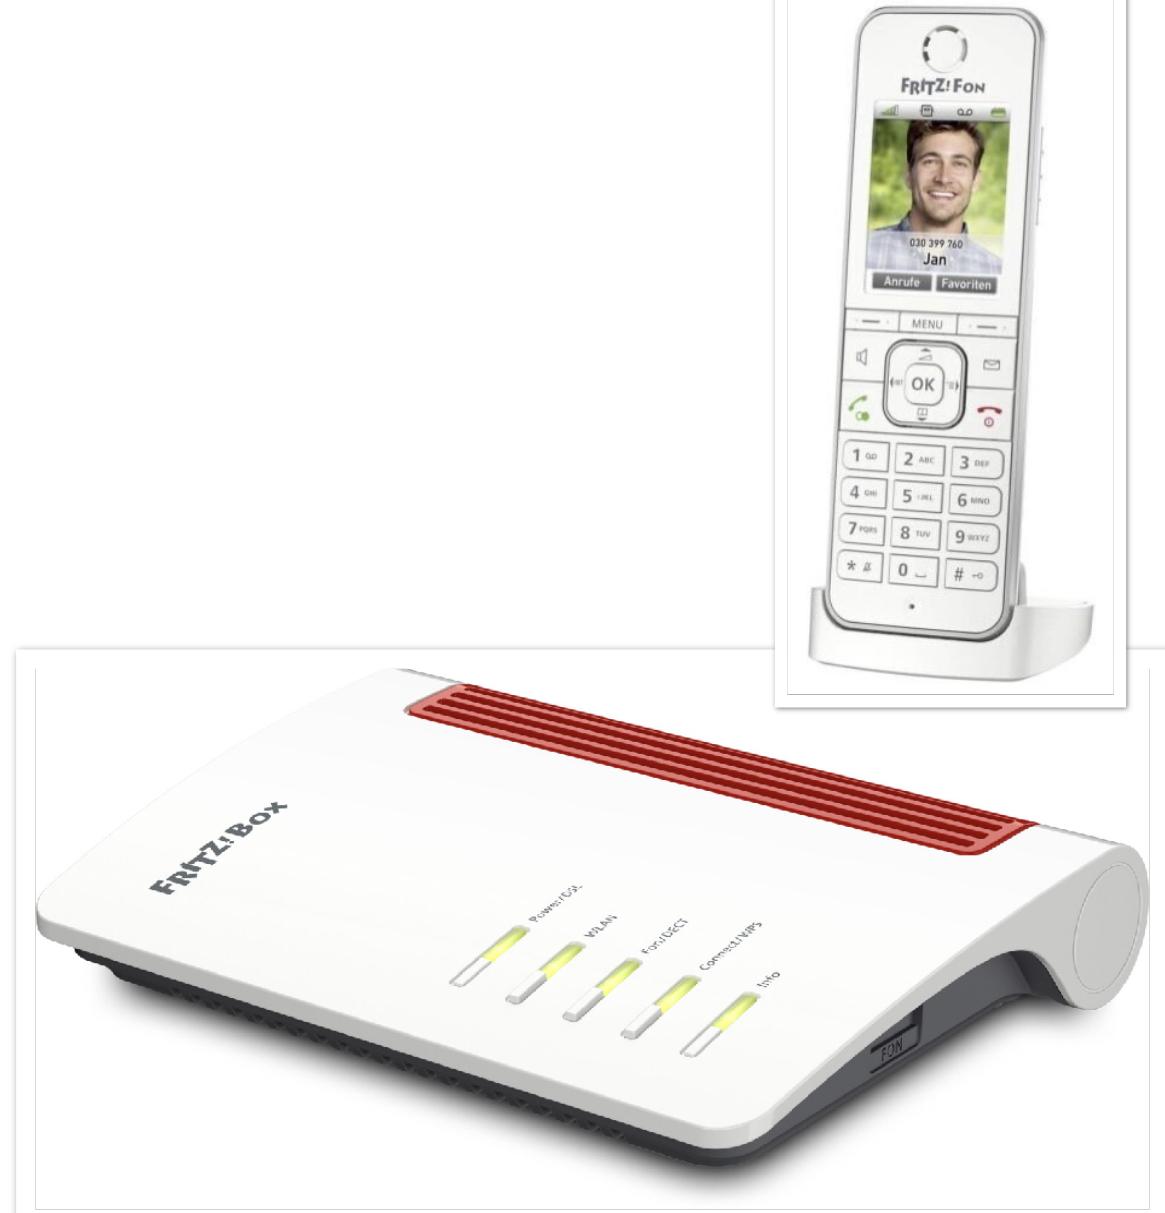 AVM FritzBox 7530 für 90,83€ mit Visa inkl. Versandkosten (7590 u. C6 leider ausverkauft)